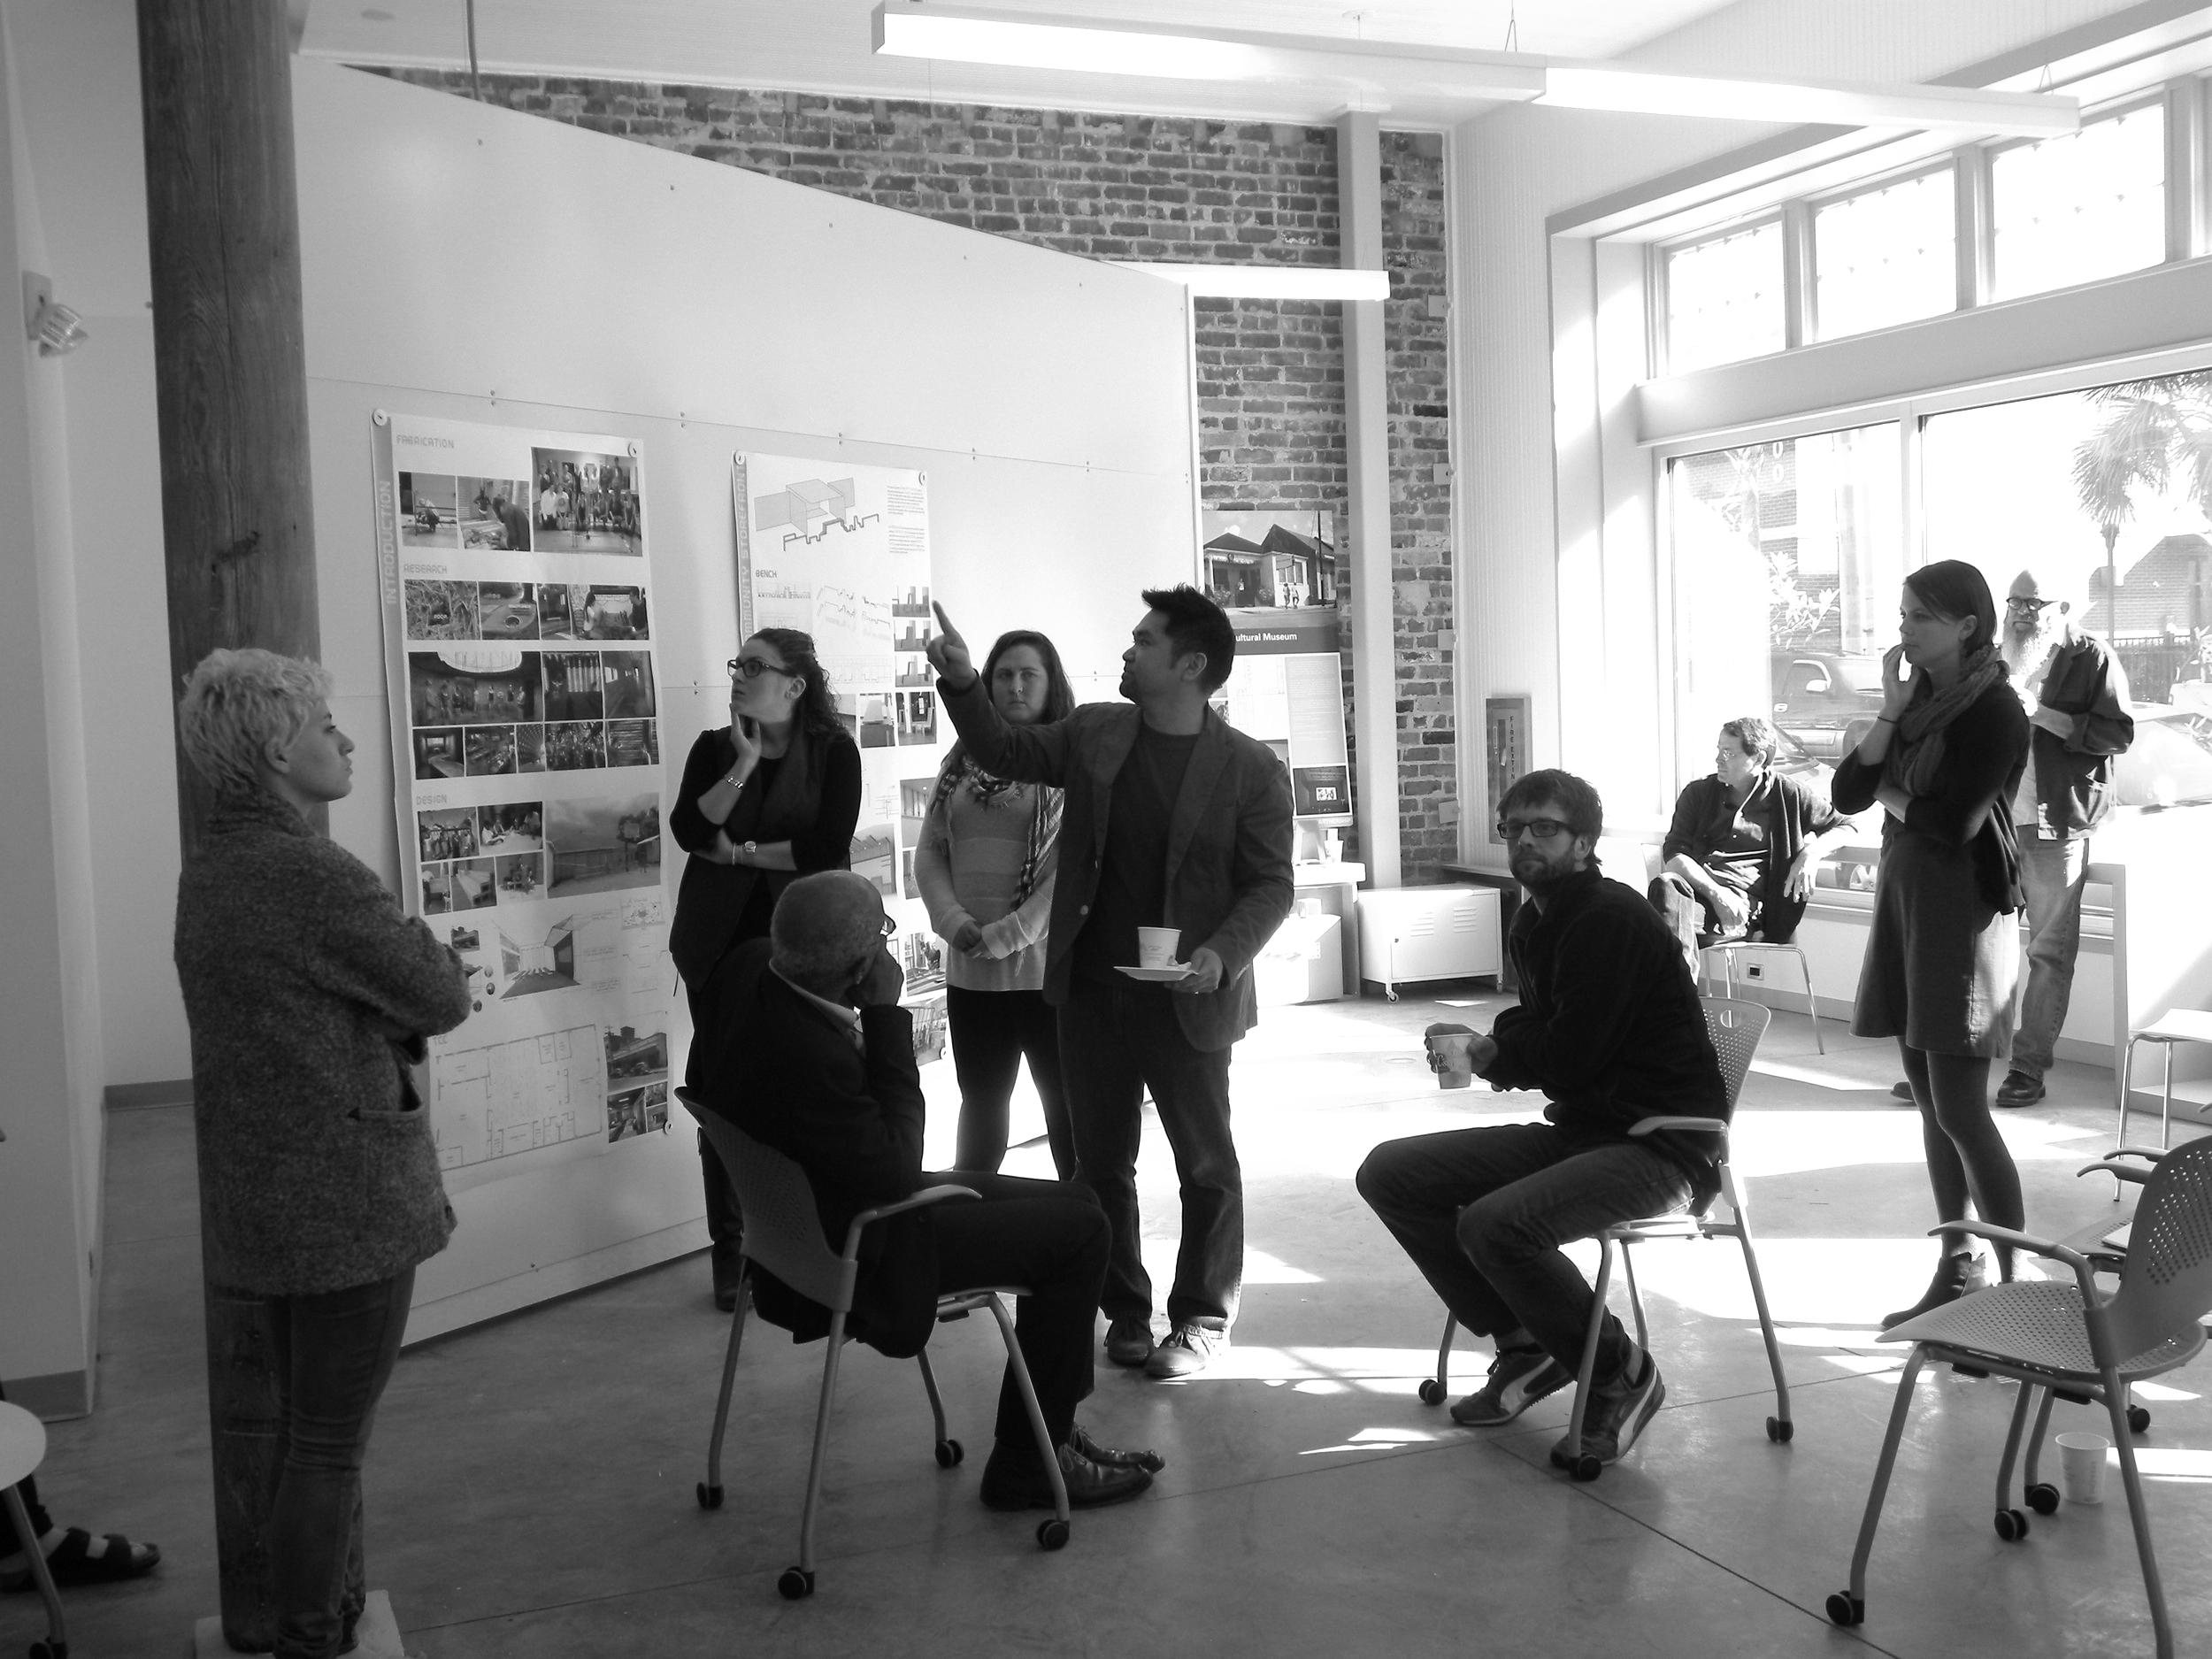 Small Center for Collaborative Design